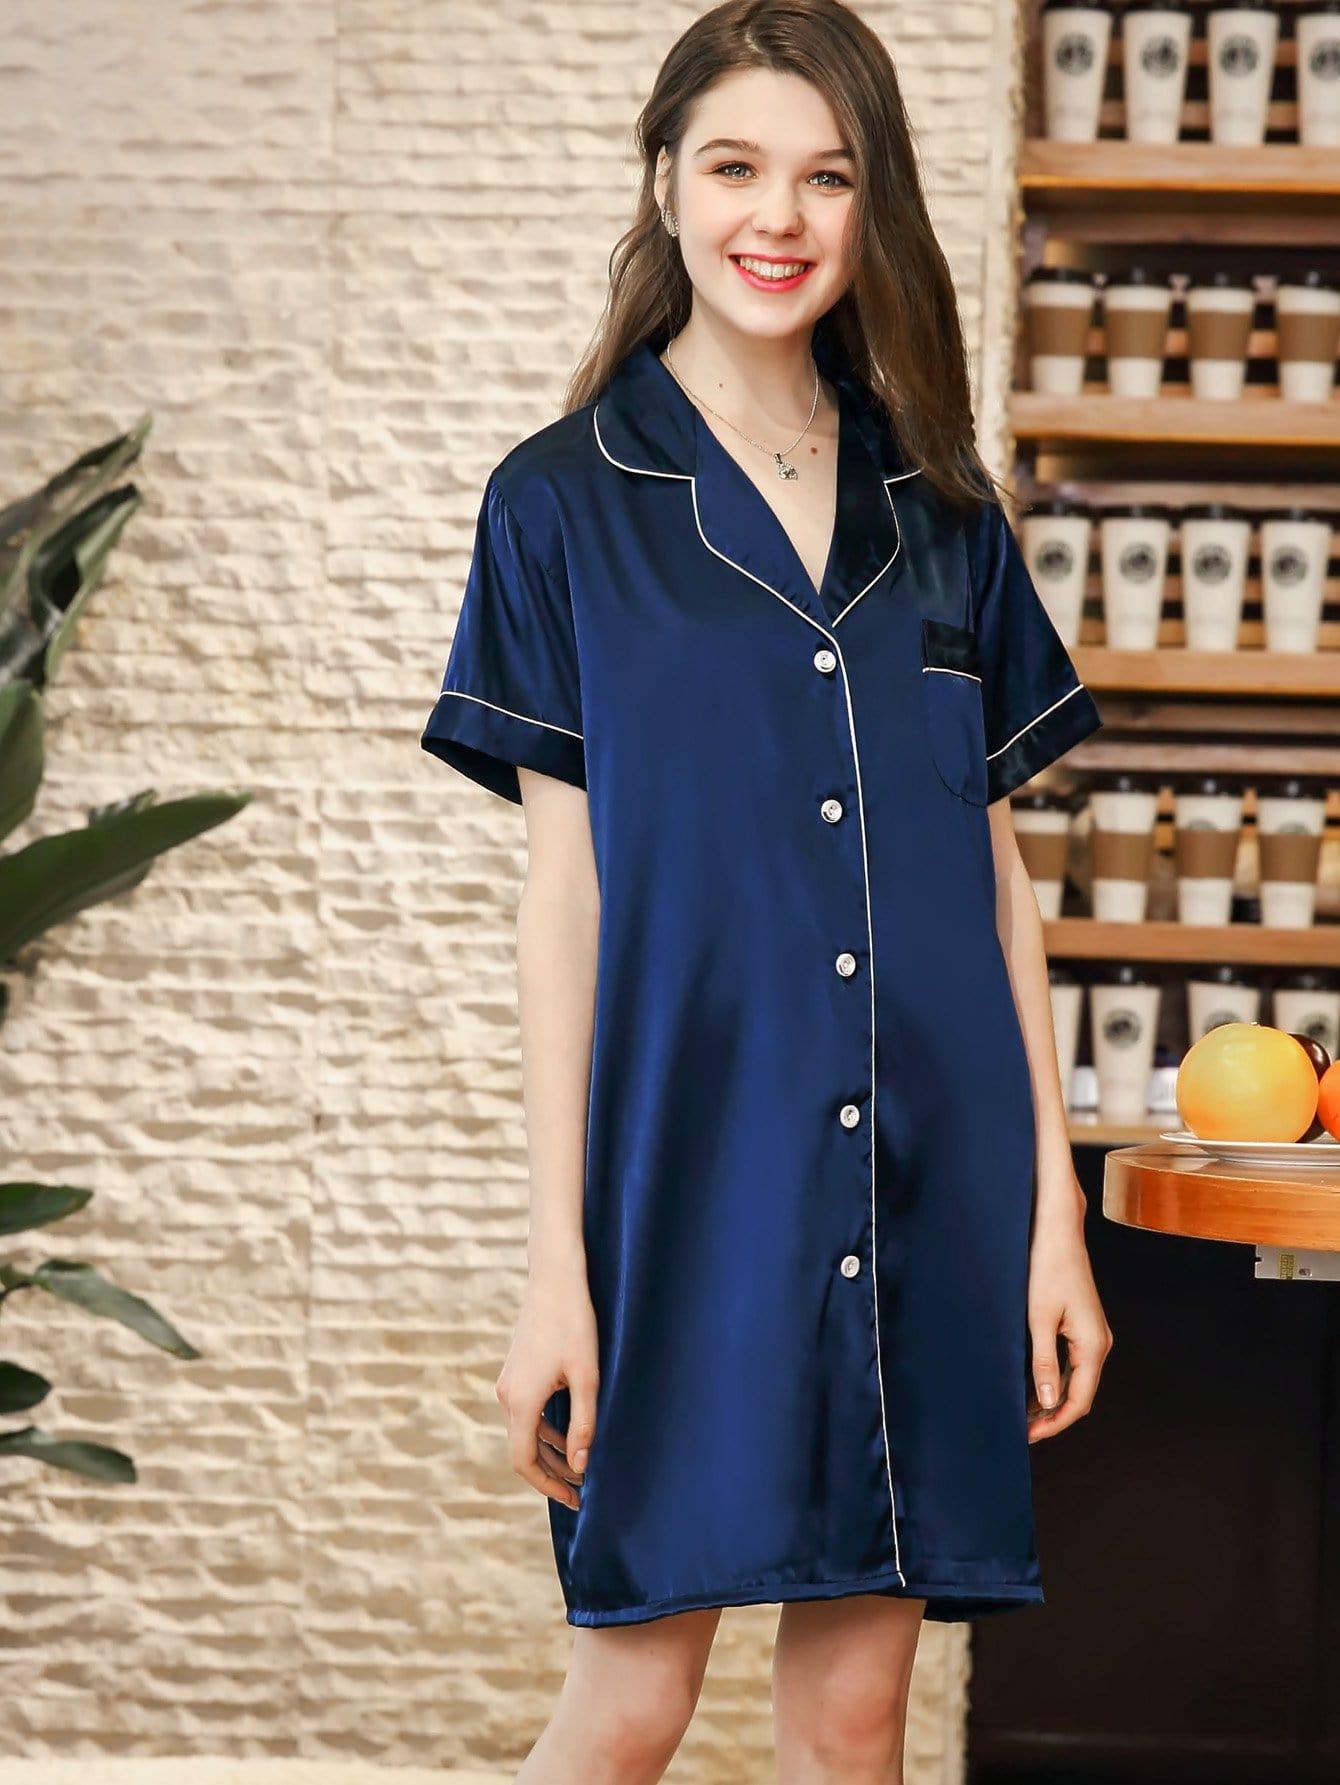 Купить Ночная сорочка со симметрическими Binding и с украшением пуговицы, null, SheIn